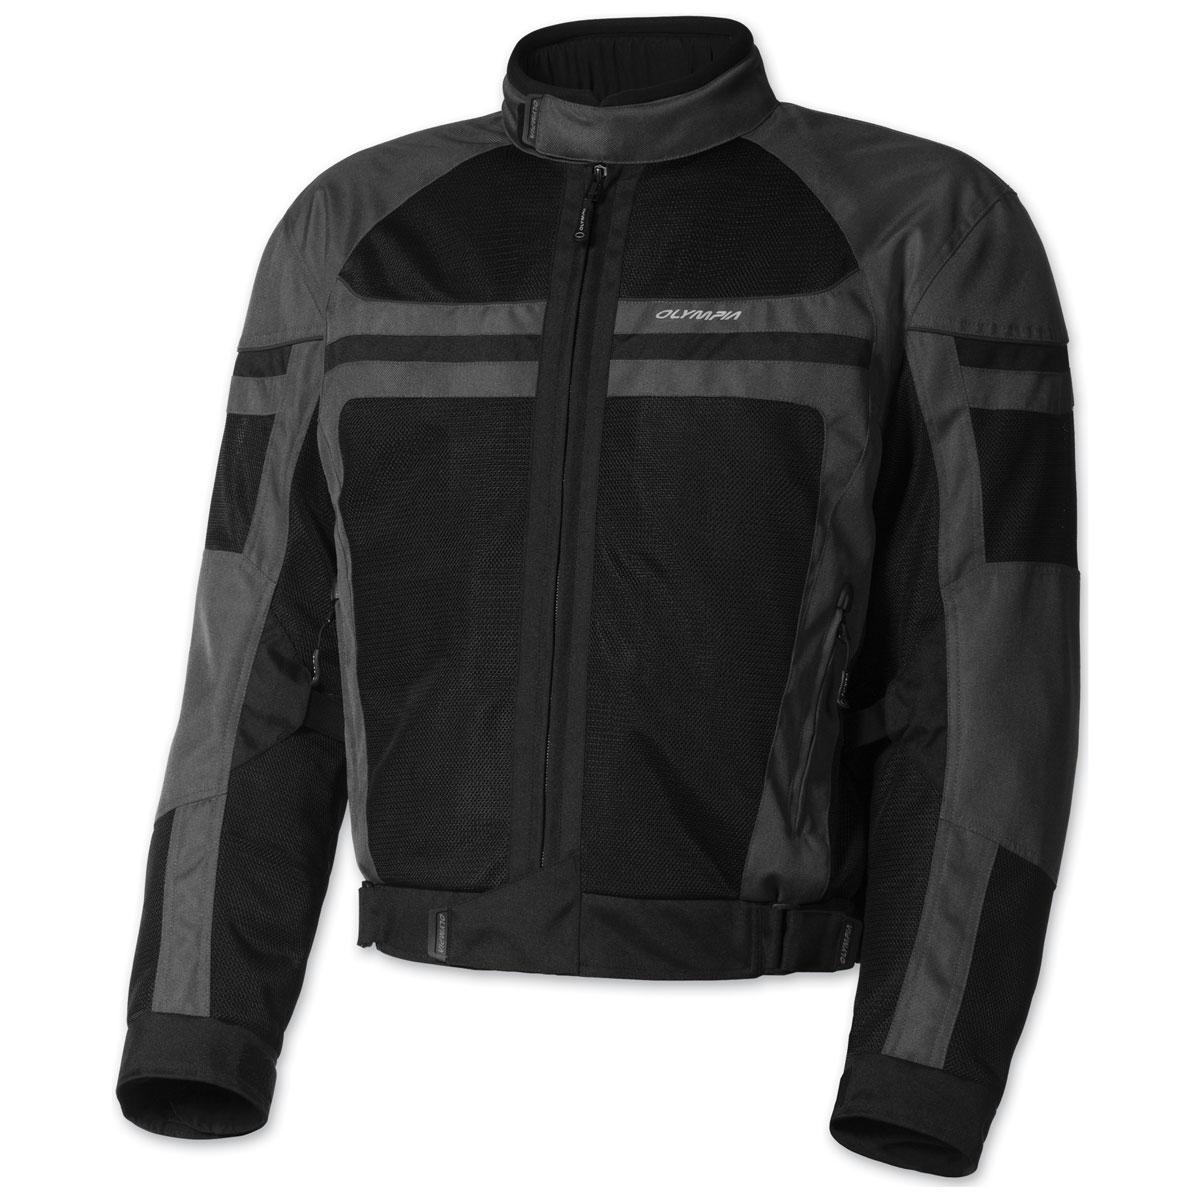 Olympia Moto Sports Men's Newport Gray Jacket